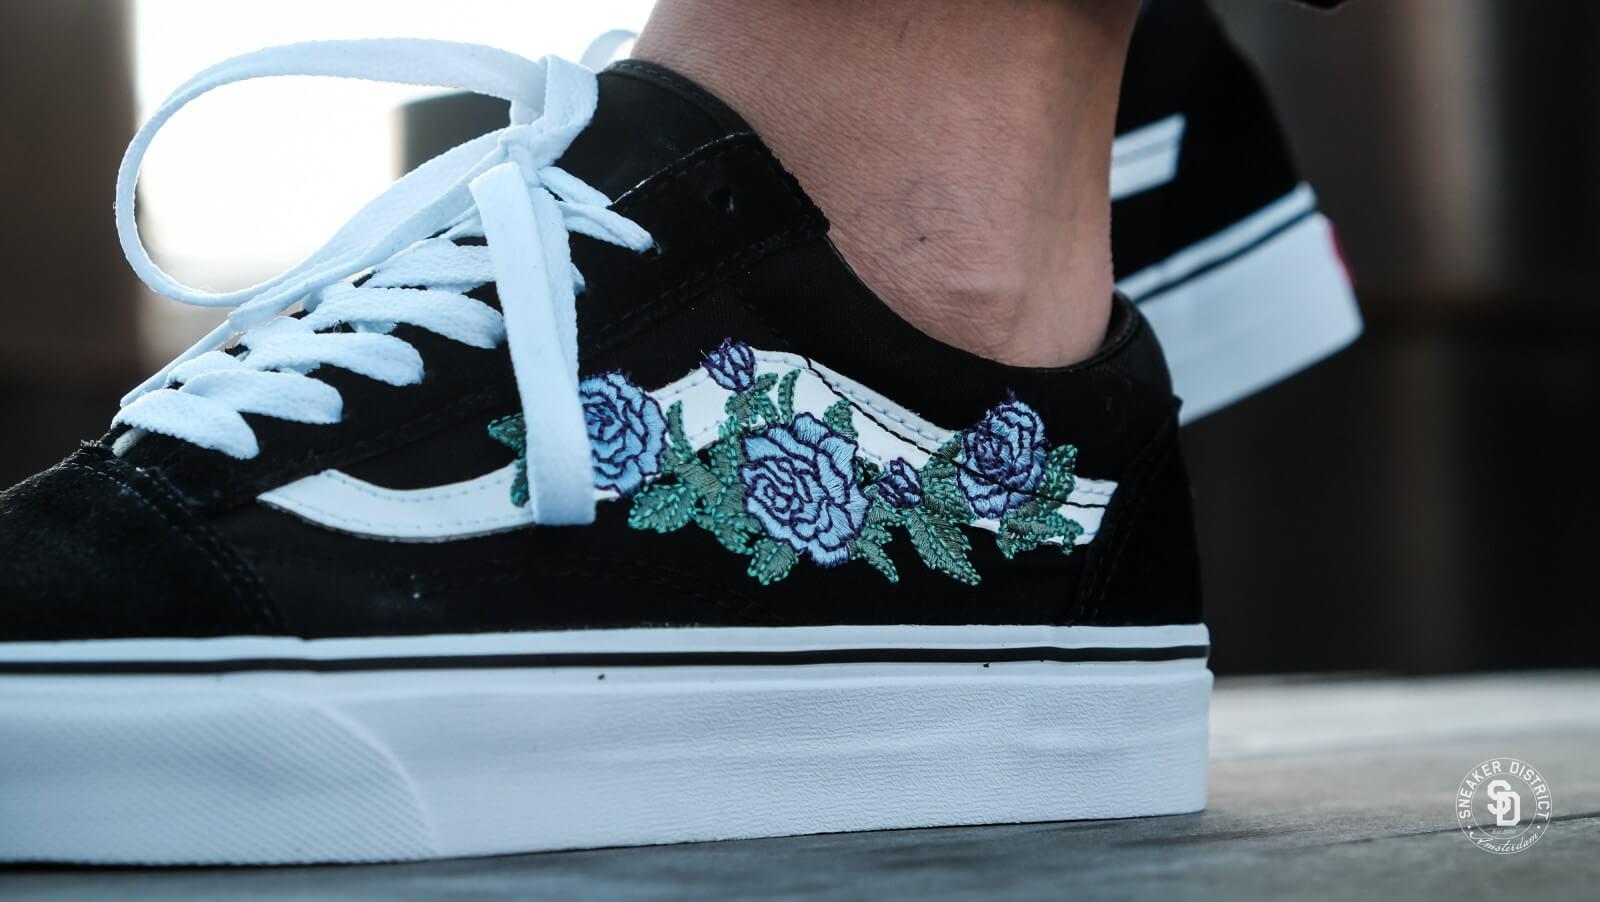 Vans Rose Thorns Old Skool Shoes Outlet Online, UP TO 64% OFF